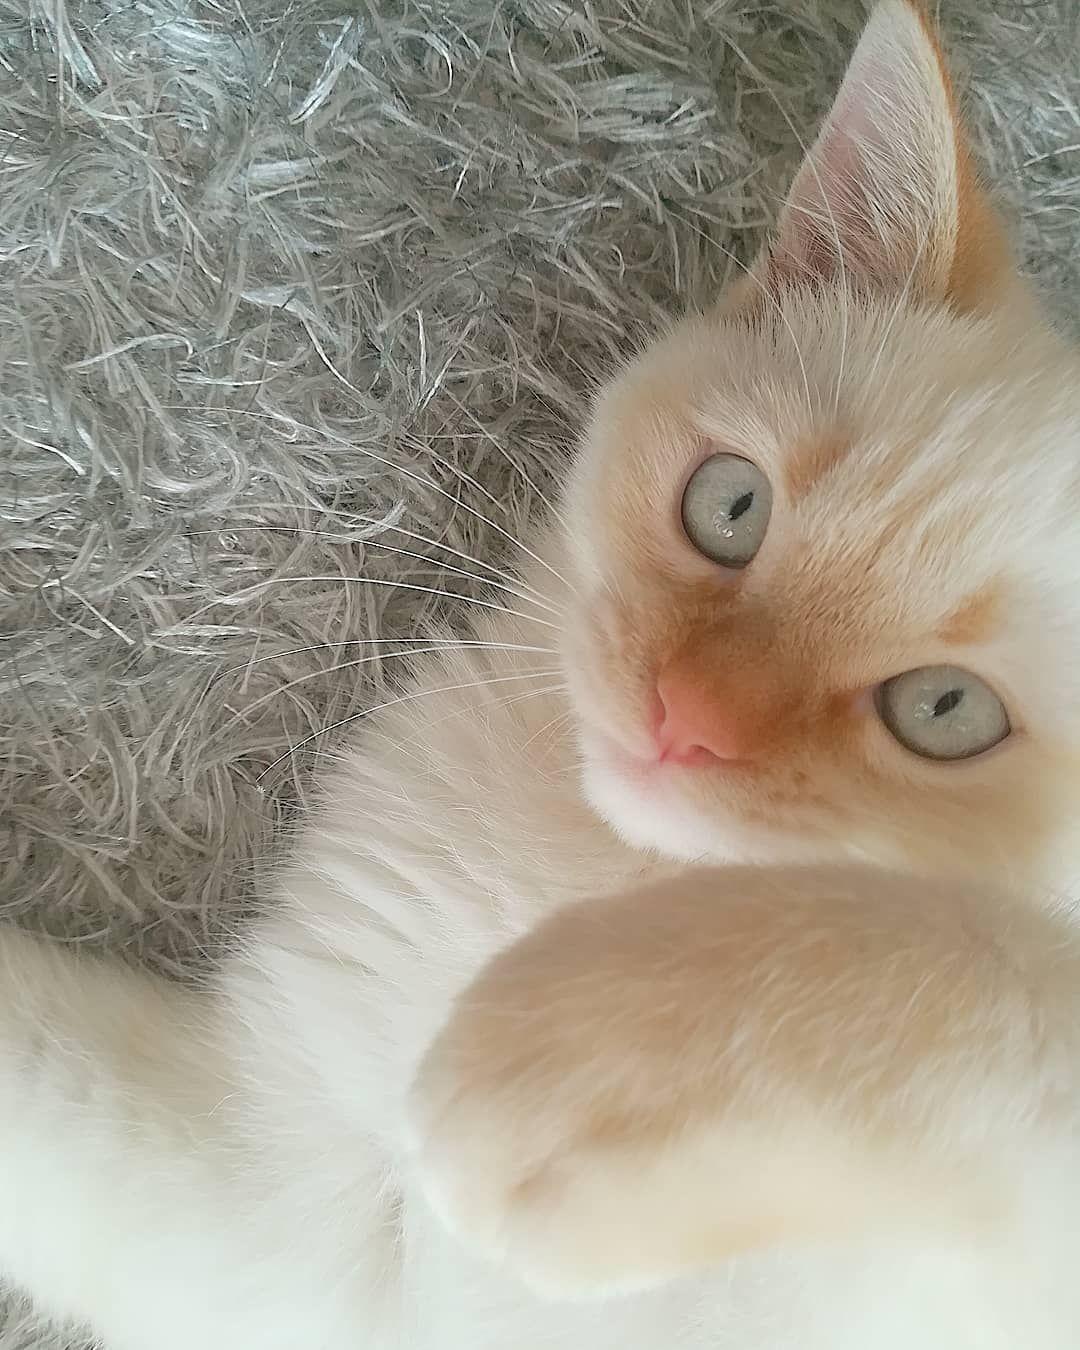 Cucu I Am A Good Boy Fluffykittens Cucu I Am A Good Boy In 2020 Pretty Cats Cute Cats And Kittens Cute Cats